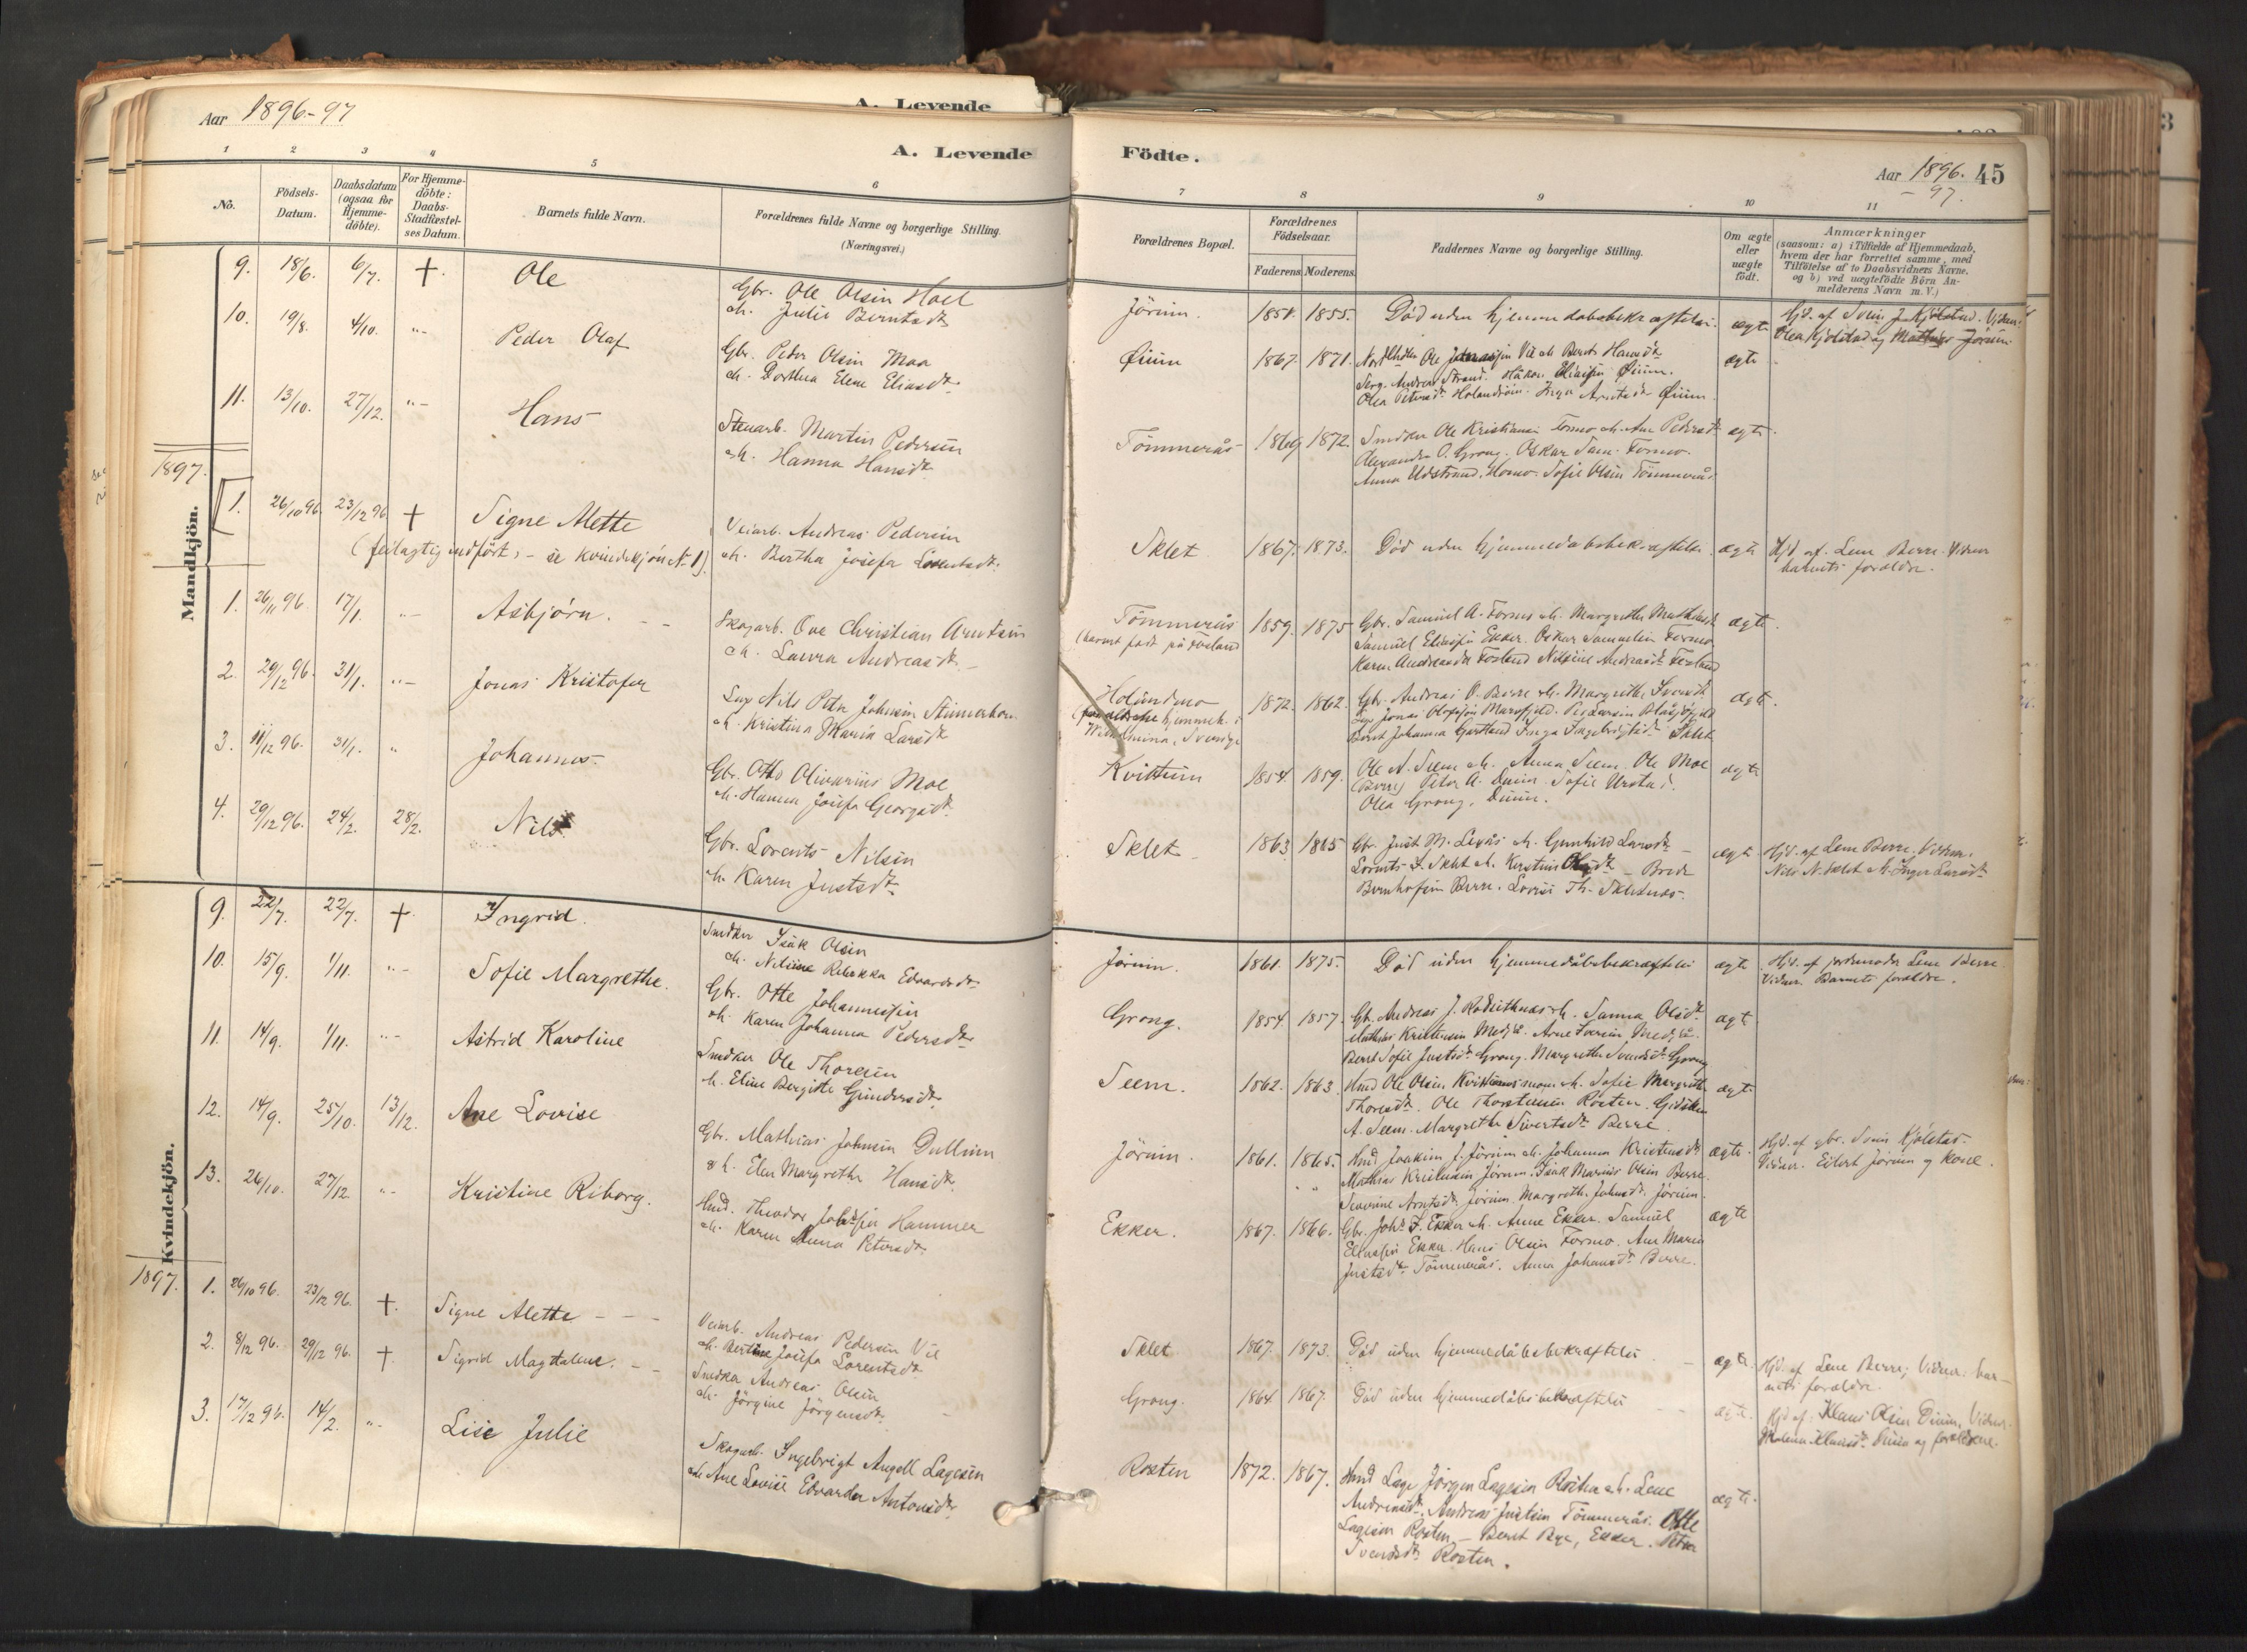 SAT, Ministerialprotokoller, klokkerbøker og fødselsregistre - Nord-Trøndelag, 758/L0519: Ministerialbok nr. 758A04, 1880-1926, s. 45